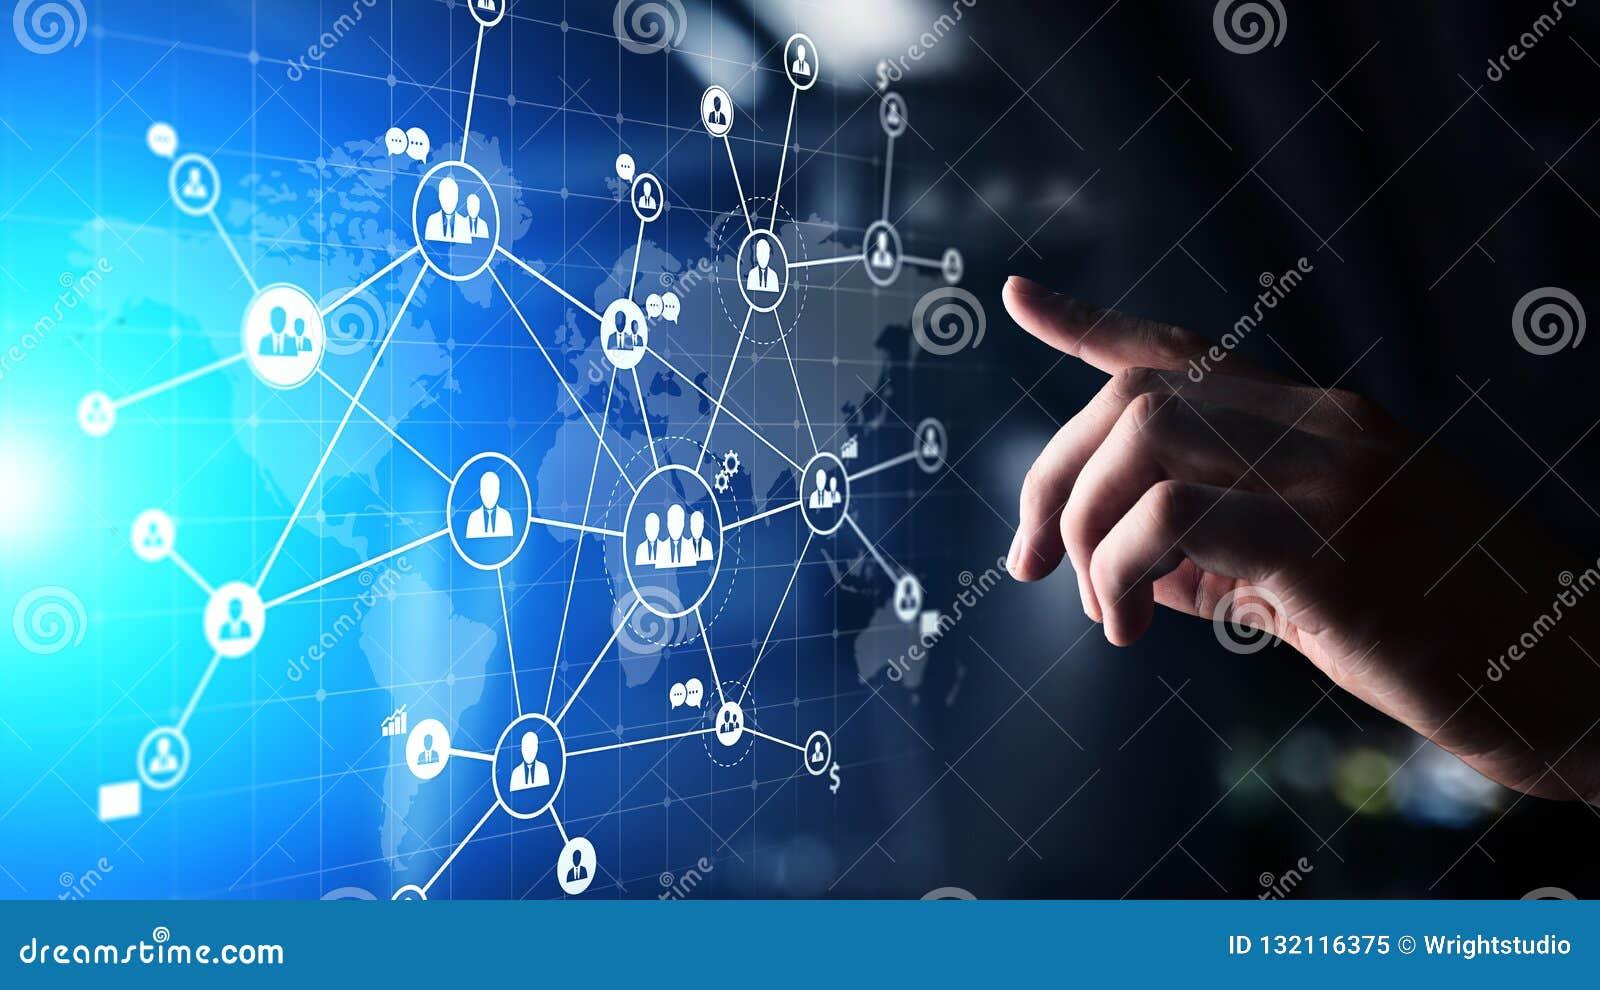 混合画法,HR、人力资源和全球性补充,在虚屏上的外包的概念